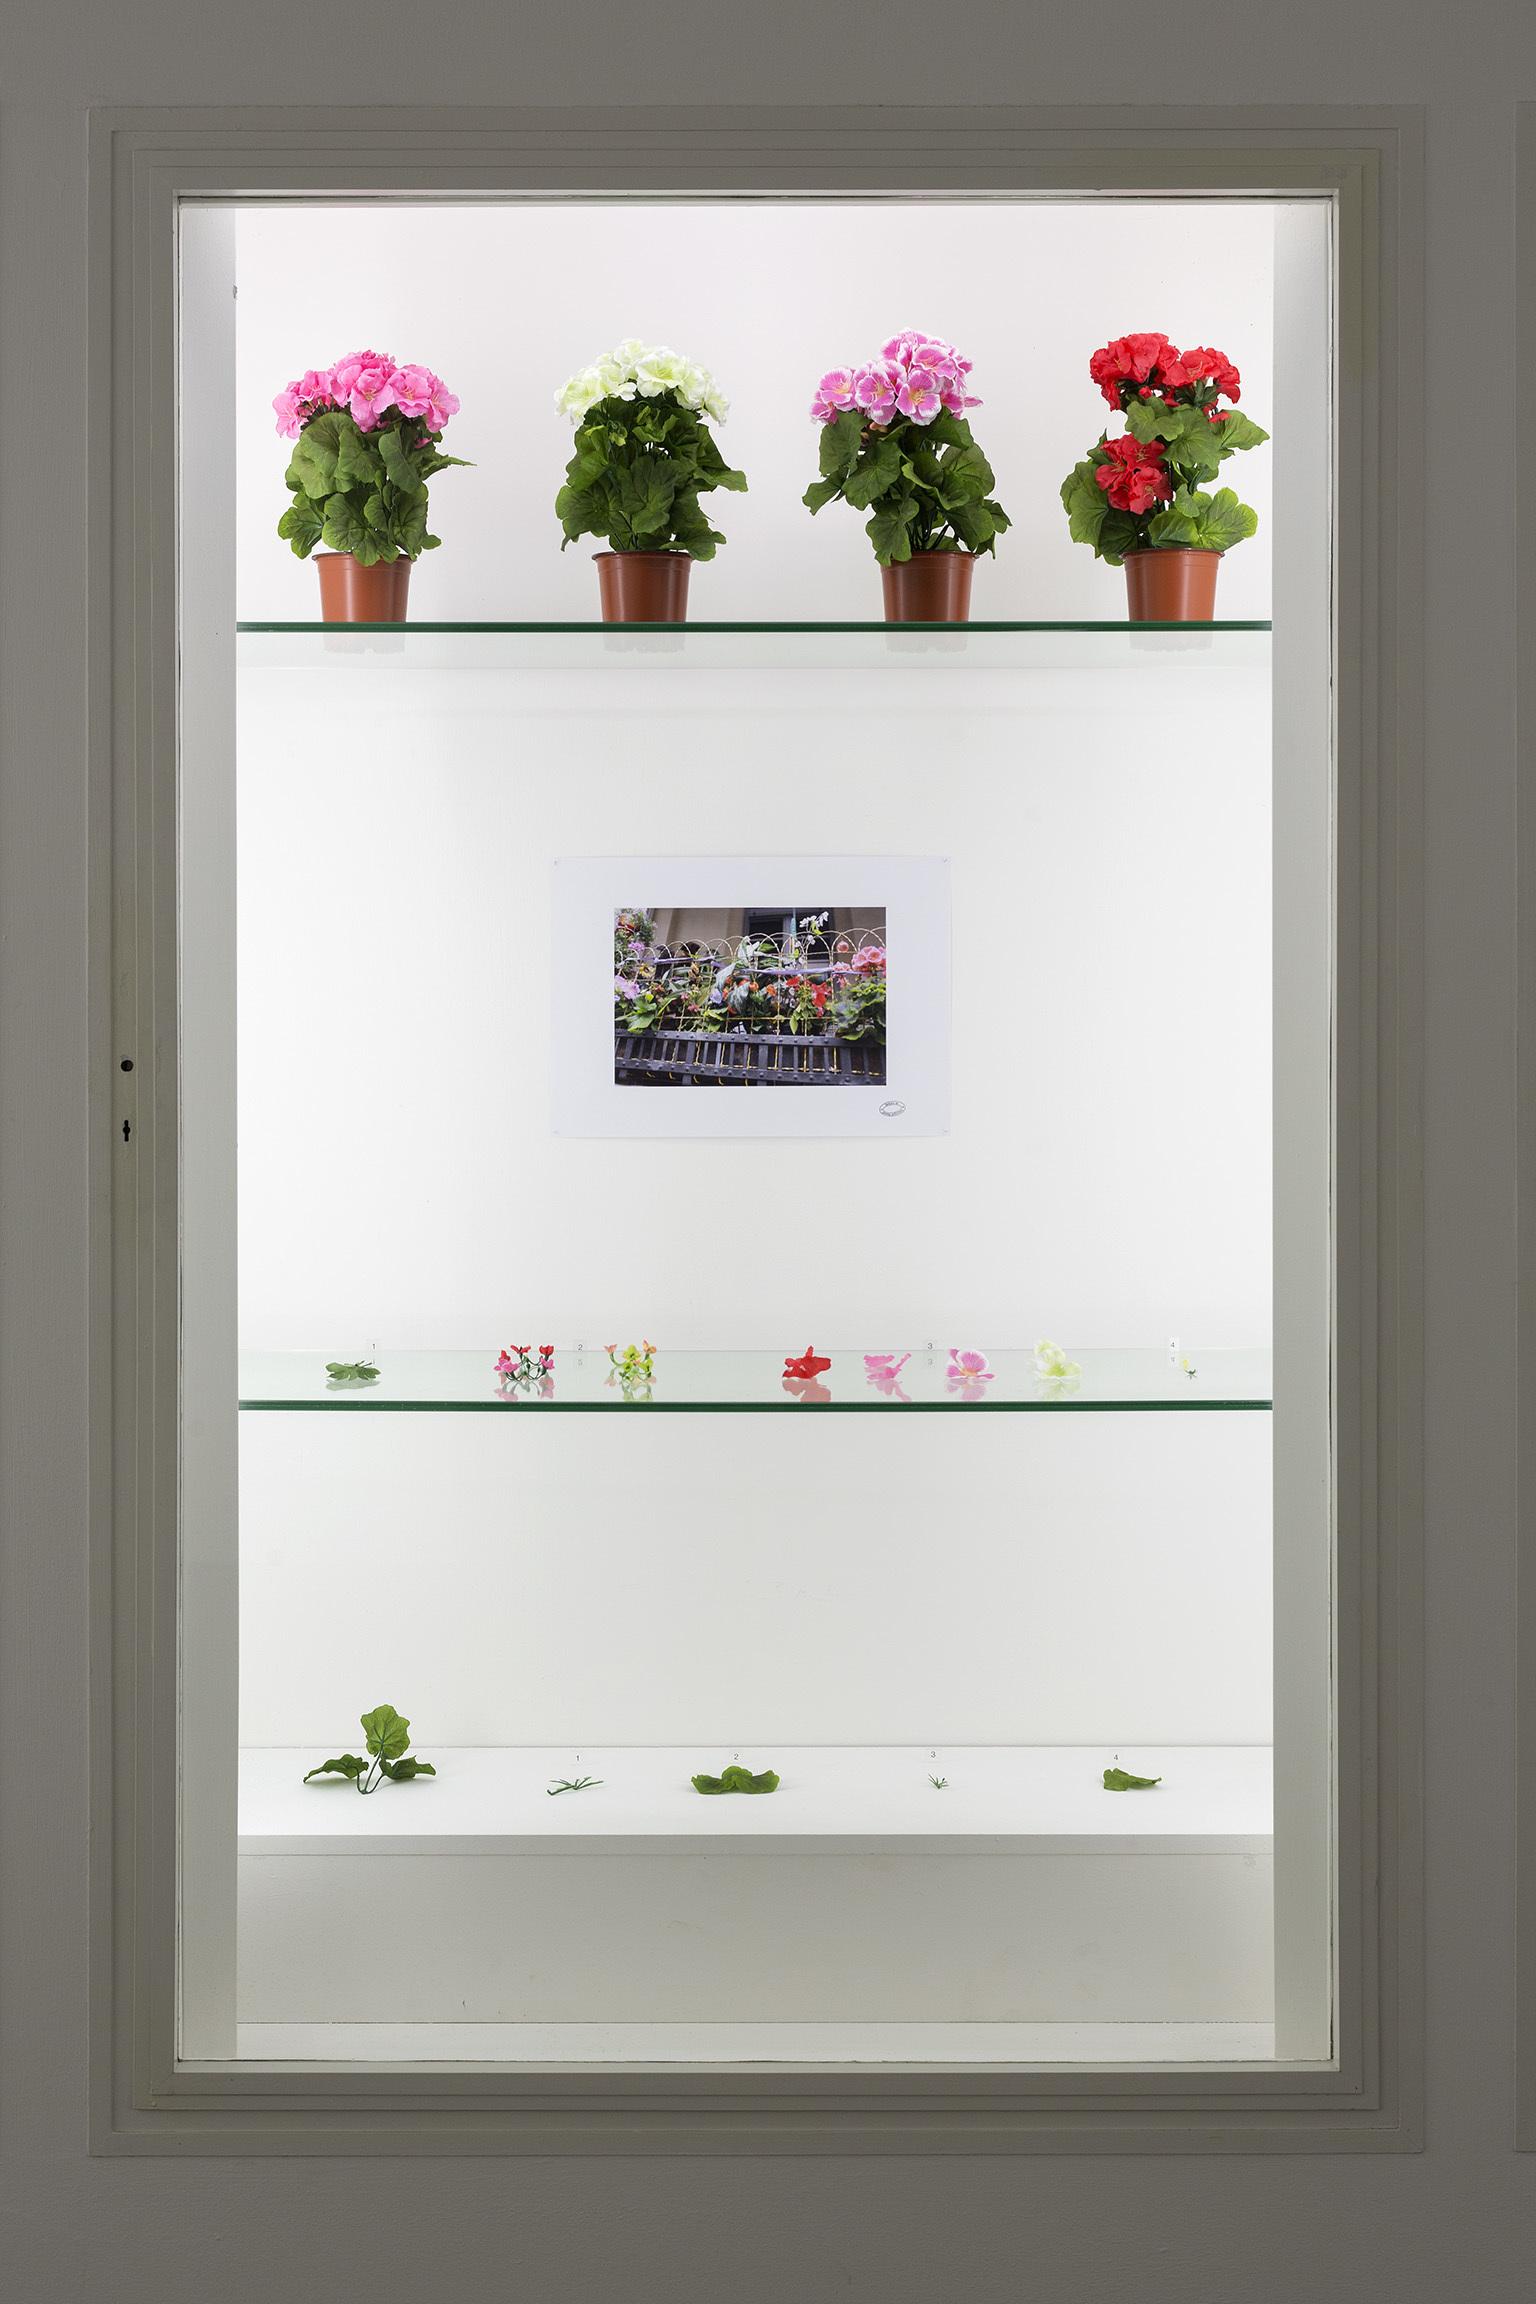 Alberto Baraya  Expedition Berlín, Herbarium of Artificial Plants,od 2013, dzieki uprzejmości artysty igalerii Nara Roesler, São Paulo, fot.Anders Sune Berg